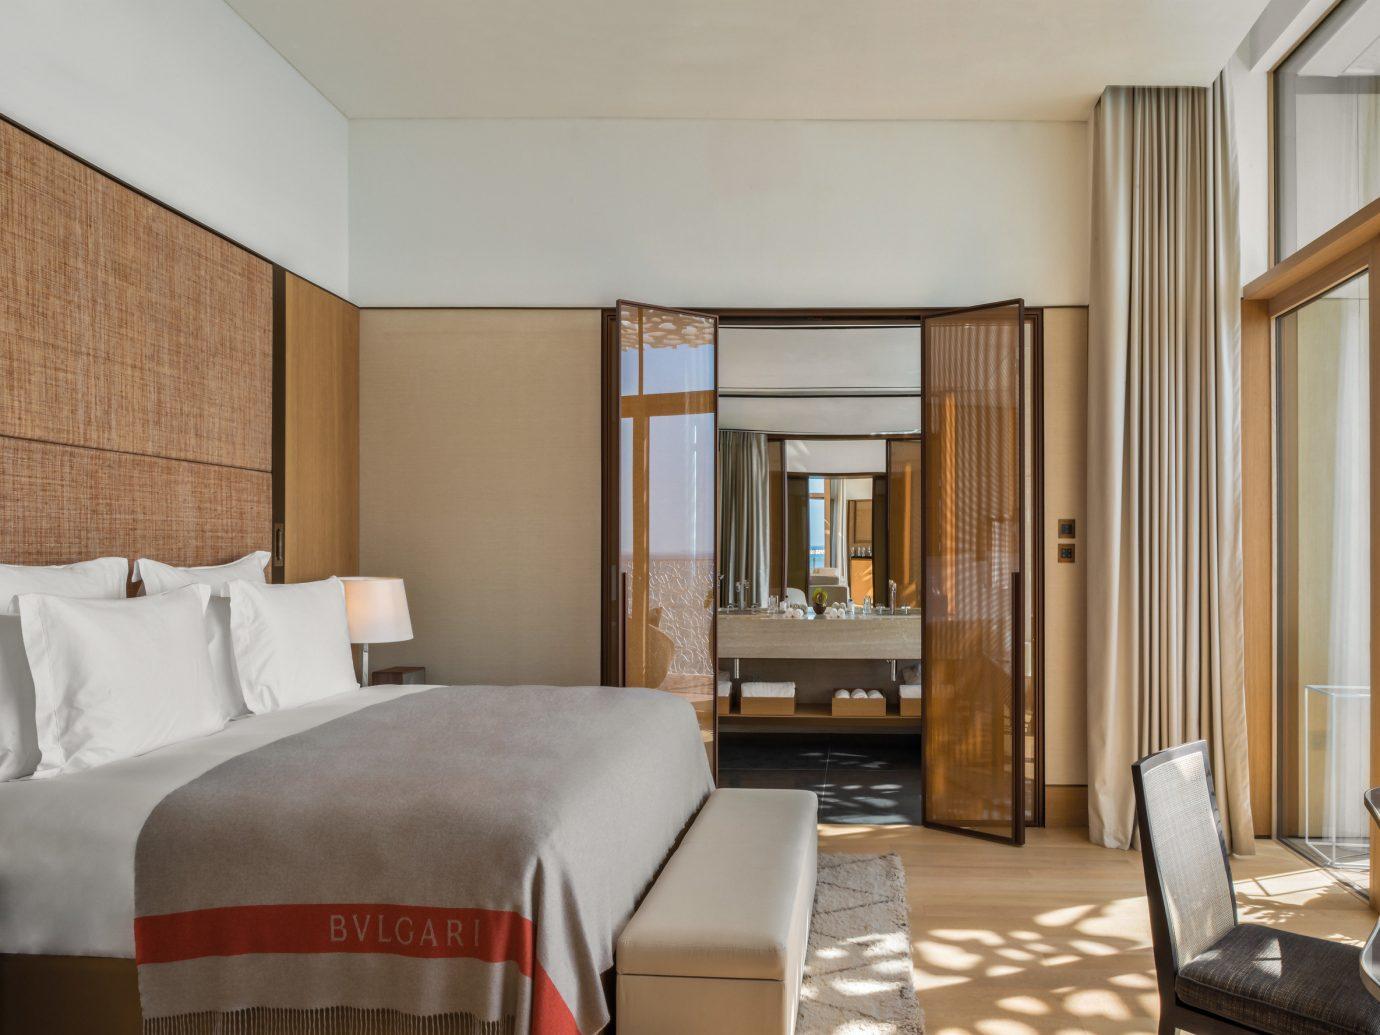 Dubai Hotels Luxury Travel Middle East indoor room Suite interior design ceiling hotel real estate interior designer furniture